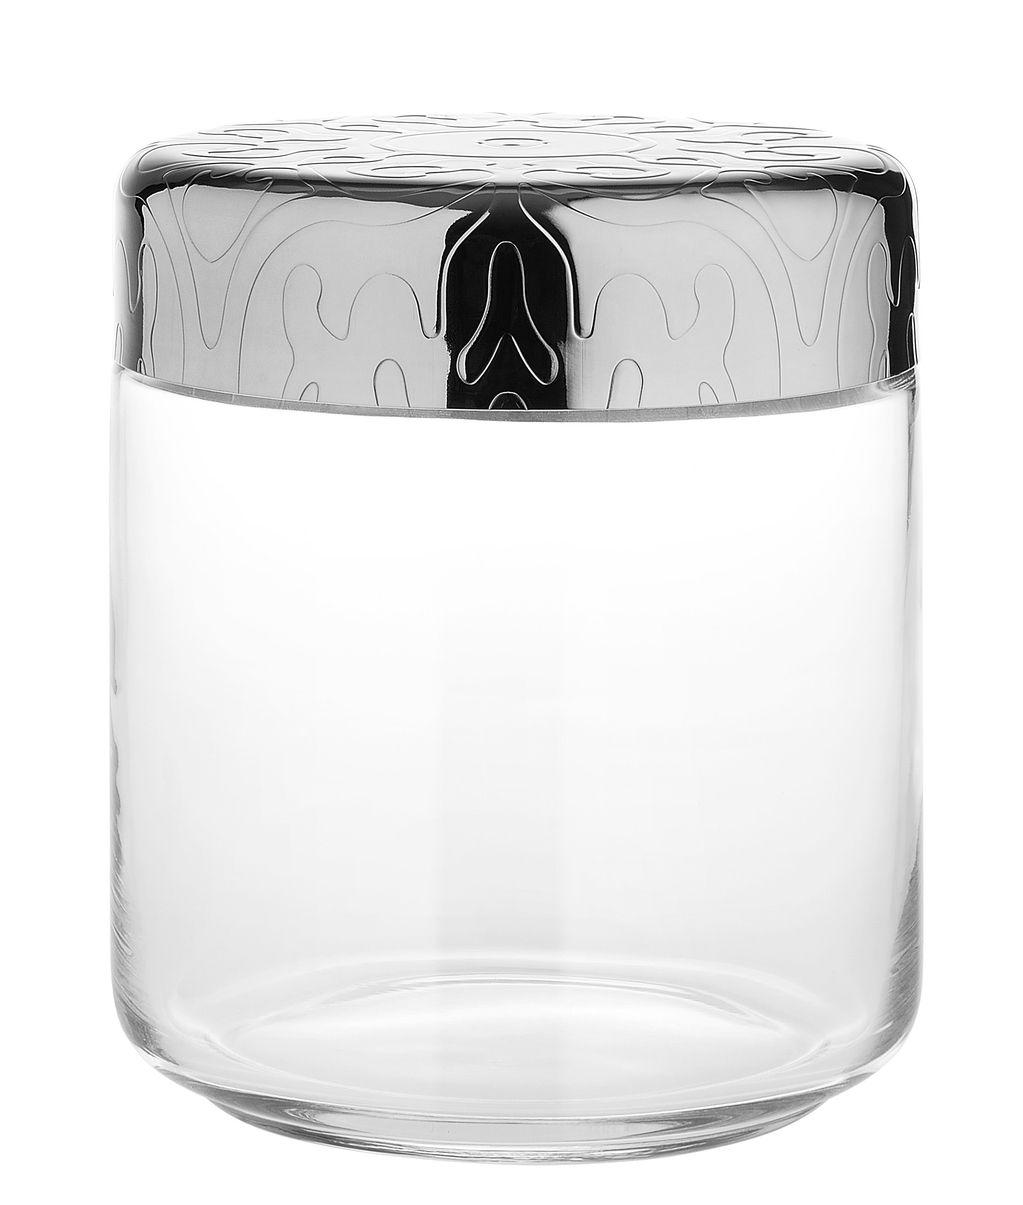 Cuisine - Boîtes, pots et bocaux - Bocal hermétique Dressed / H 12 cm - 75 cl - Alessi - 75 cl / Transparent & acier - Acier inoxydable, Verre